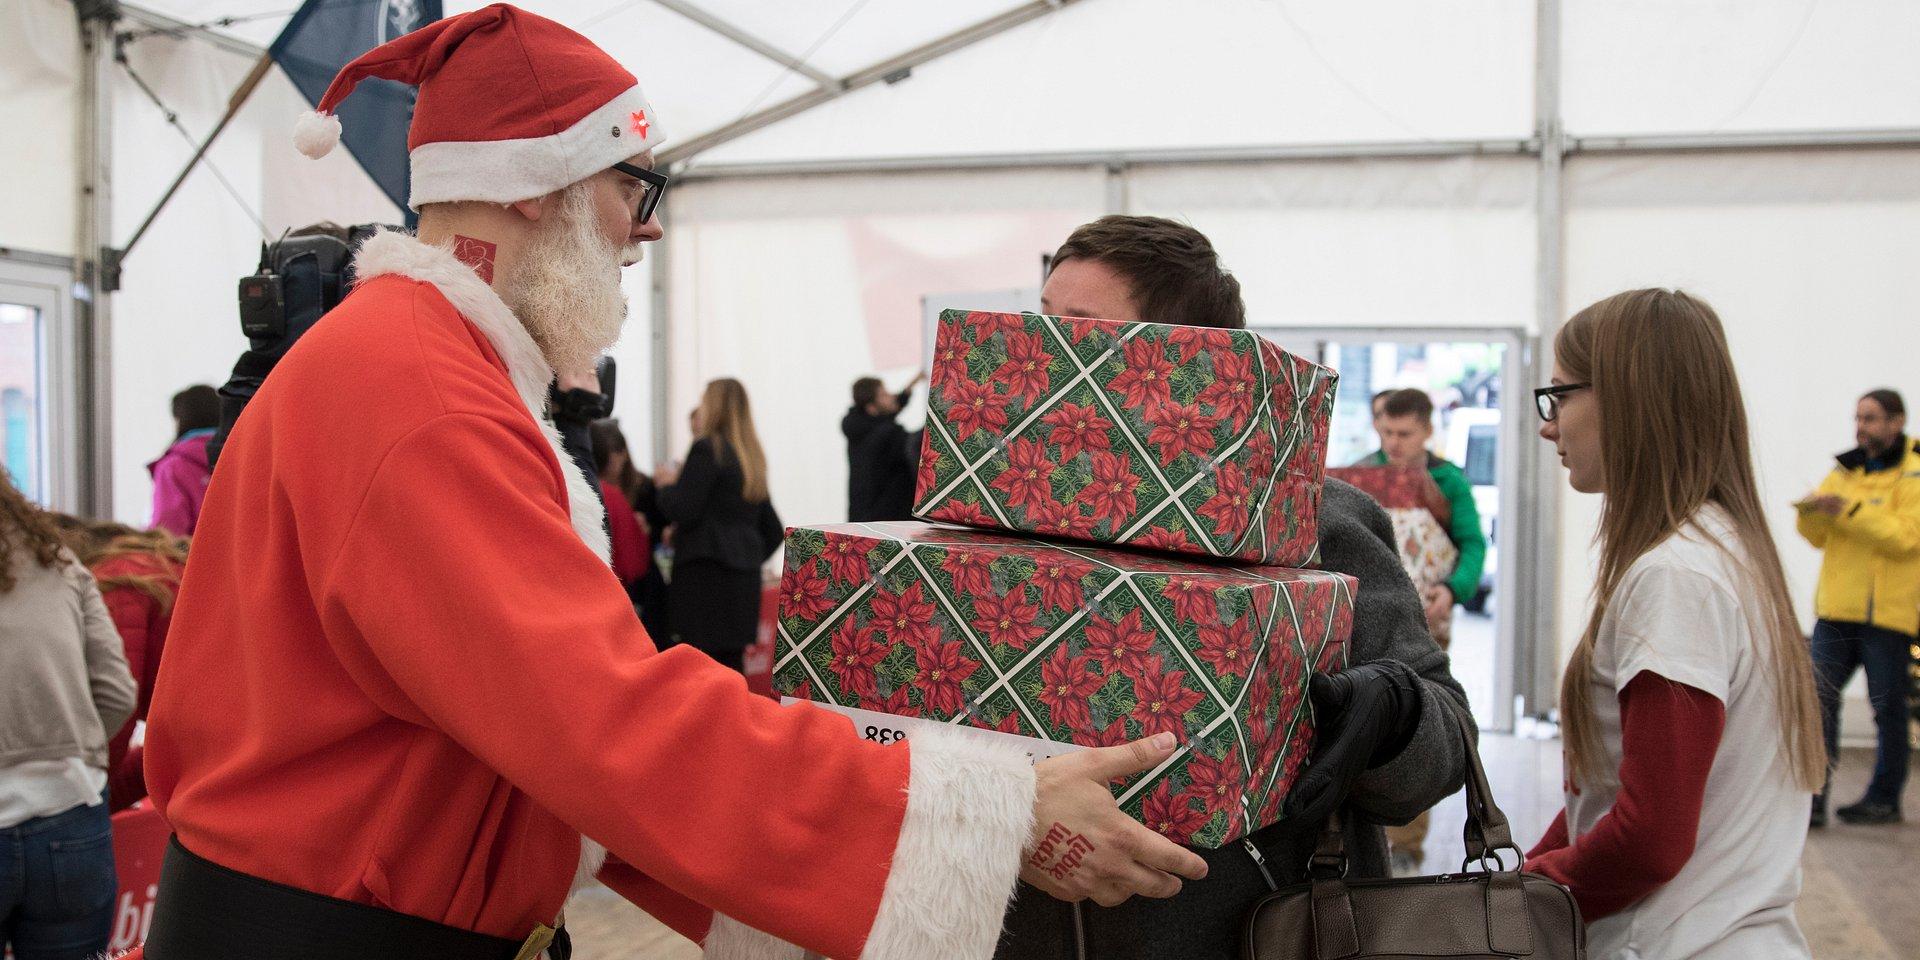 8-9 grudnia Finał Szlachetnej Paczki. Ponad 1000 rodzin wciąż czeka na pomoc!